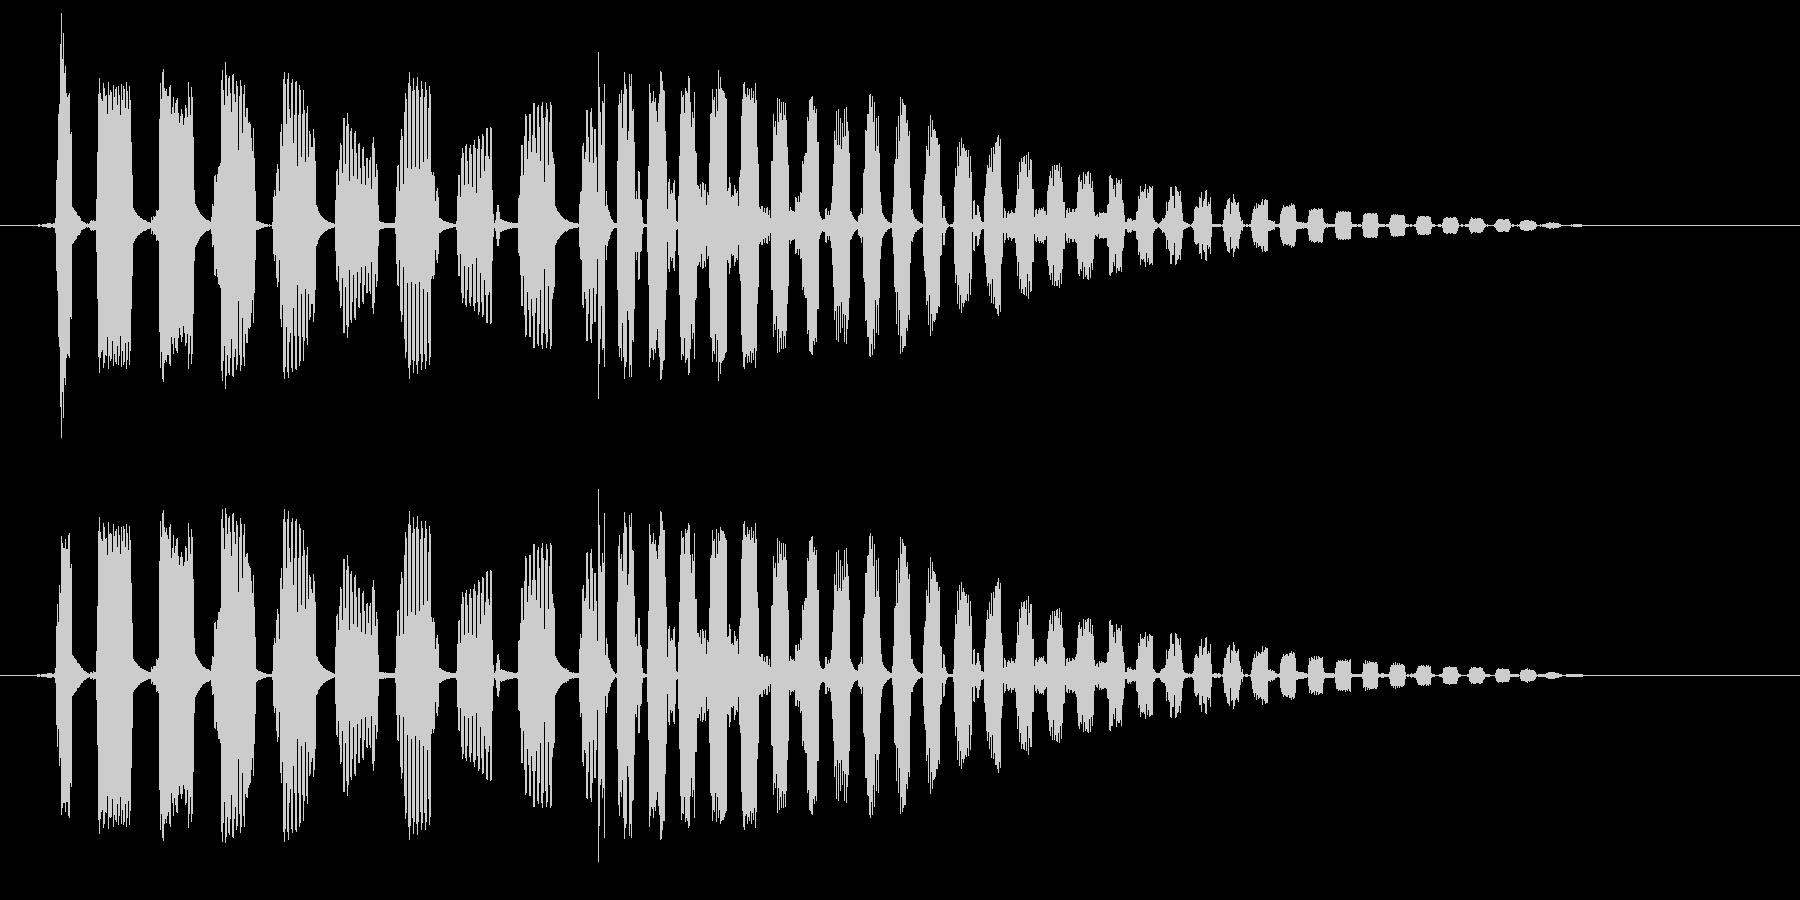 ビビョ〜ン(コミカル)の未再生の波形